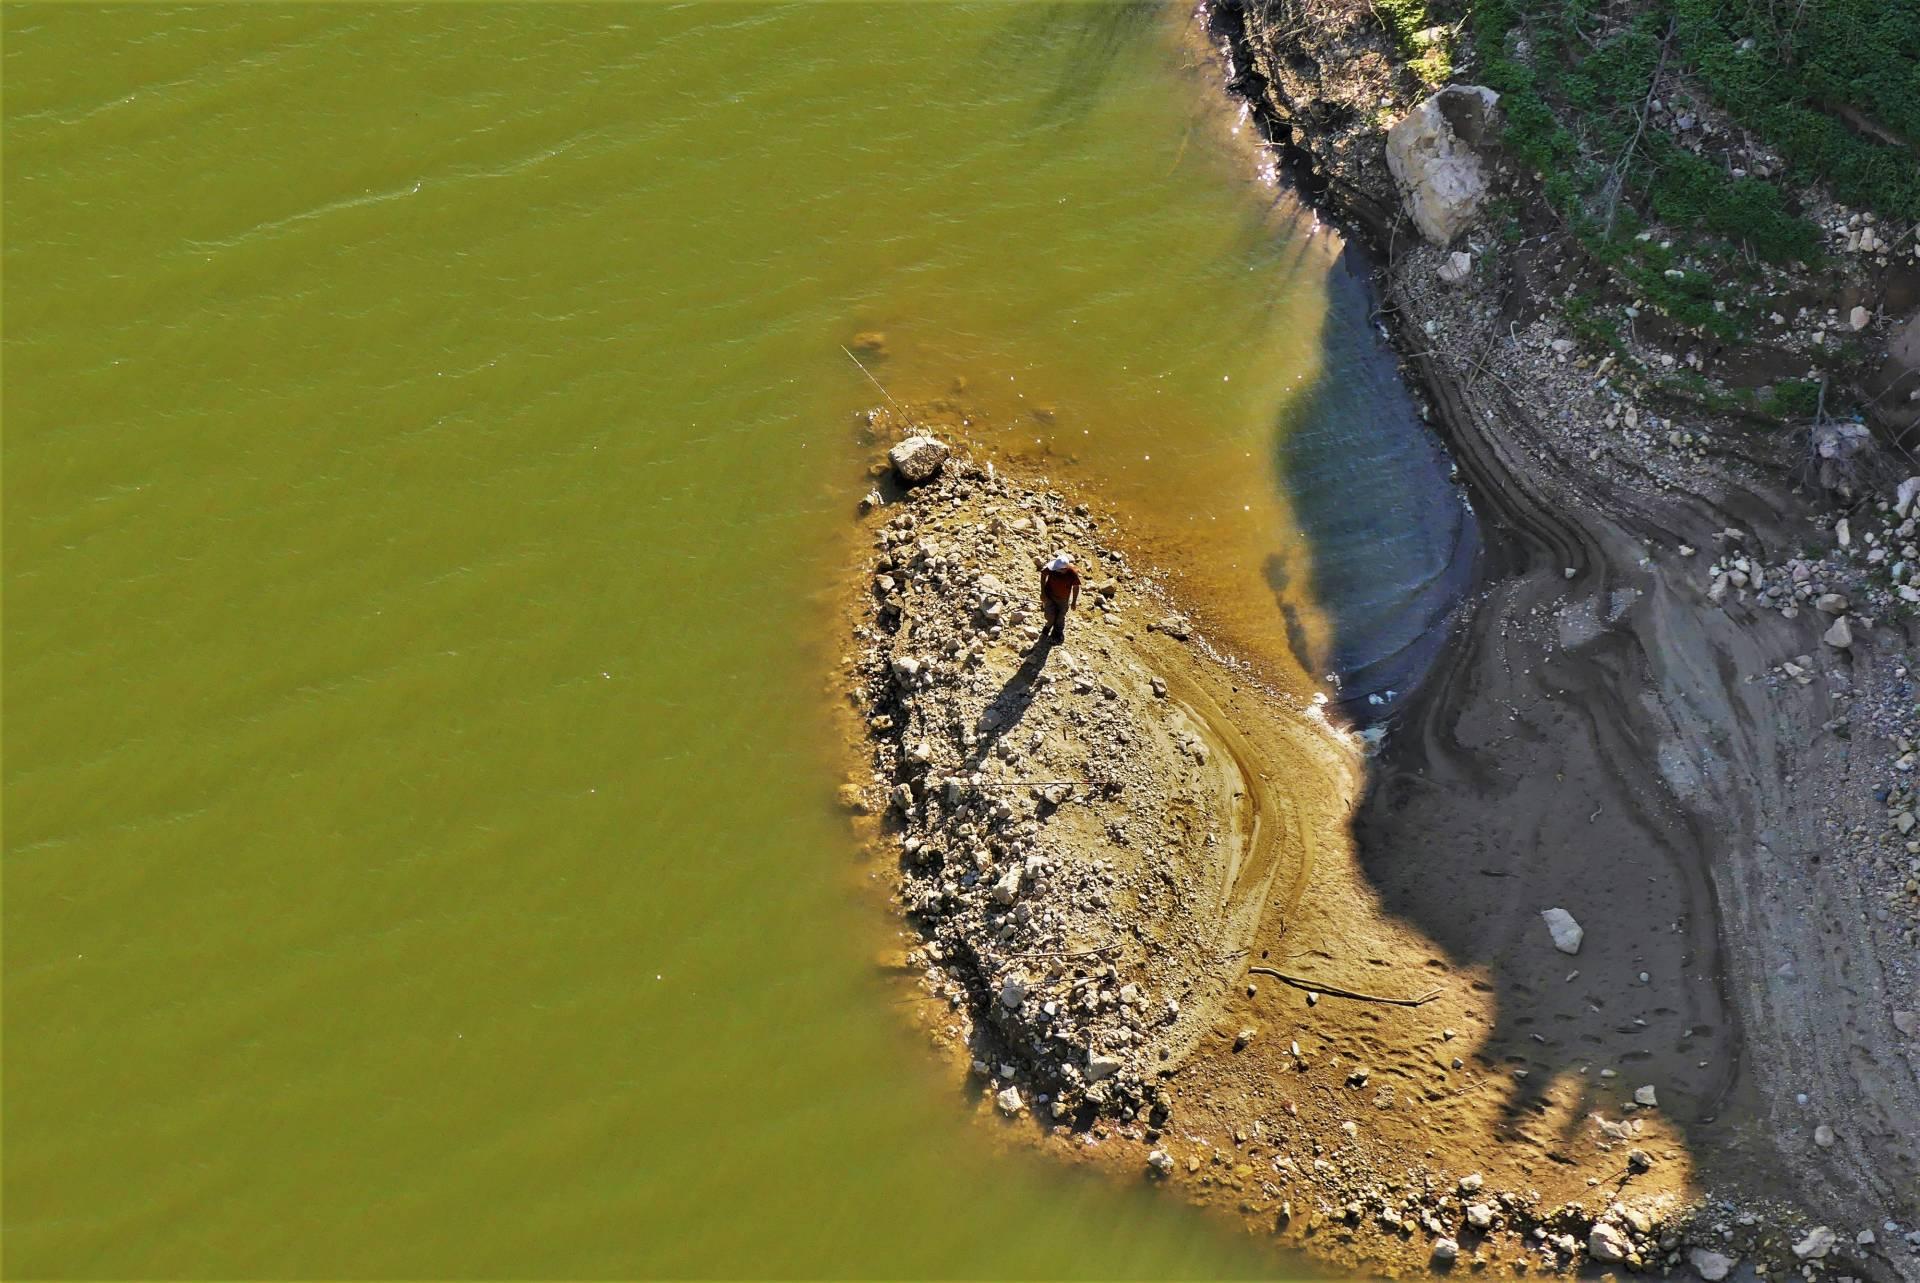 Οδοιπορικό στη Βόρεια Πίνδο από την Γρεβενιώτισσα Ευαγγελία Μάγειρα- Ποταμός Αλιάκμονας,στο Ρεύμα της Ιστορίας